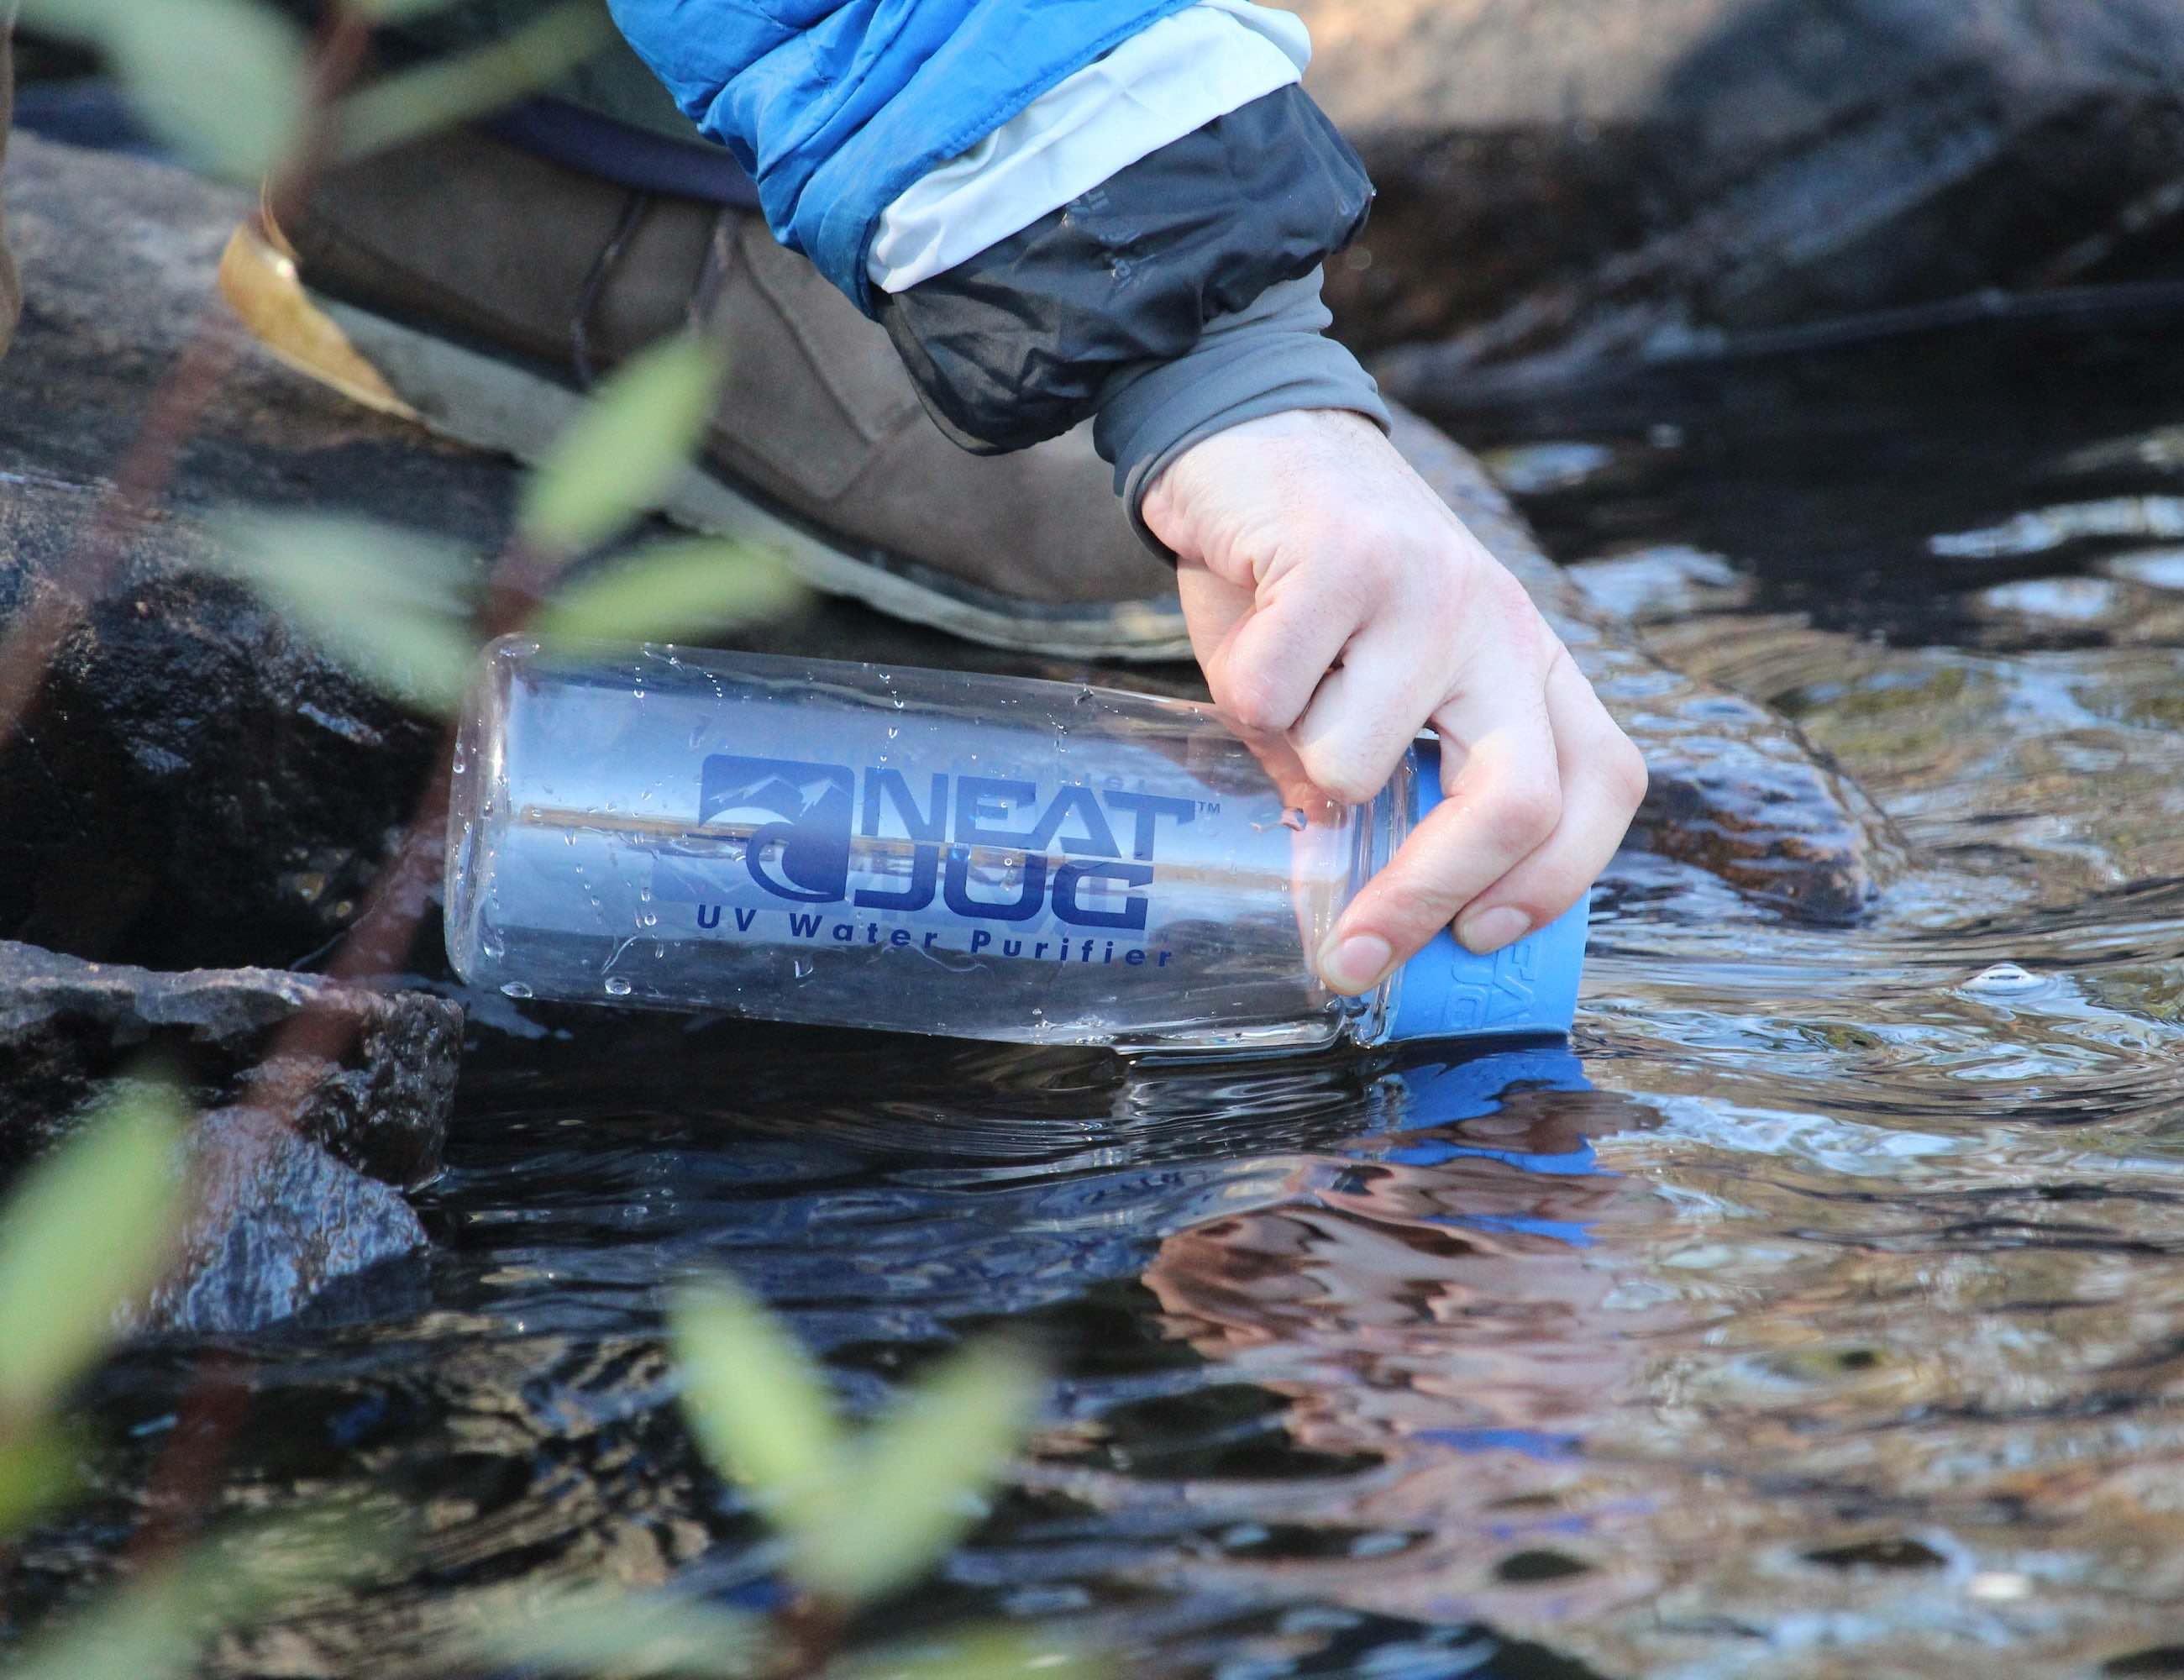 Neat Jug UV Water Purifier